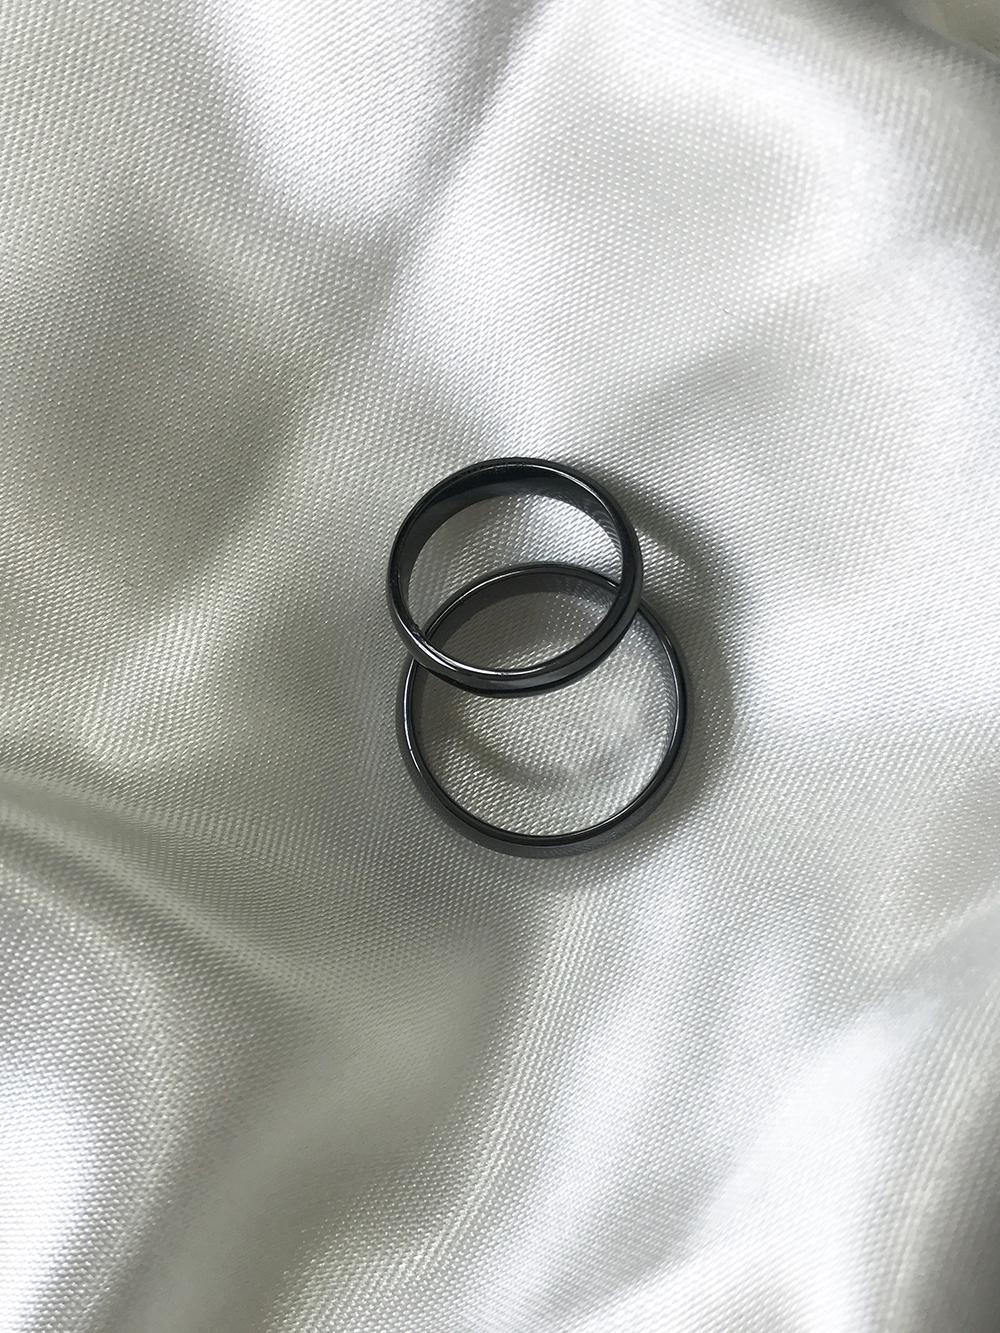 black wedding rings.jpg